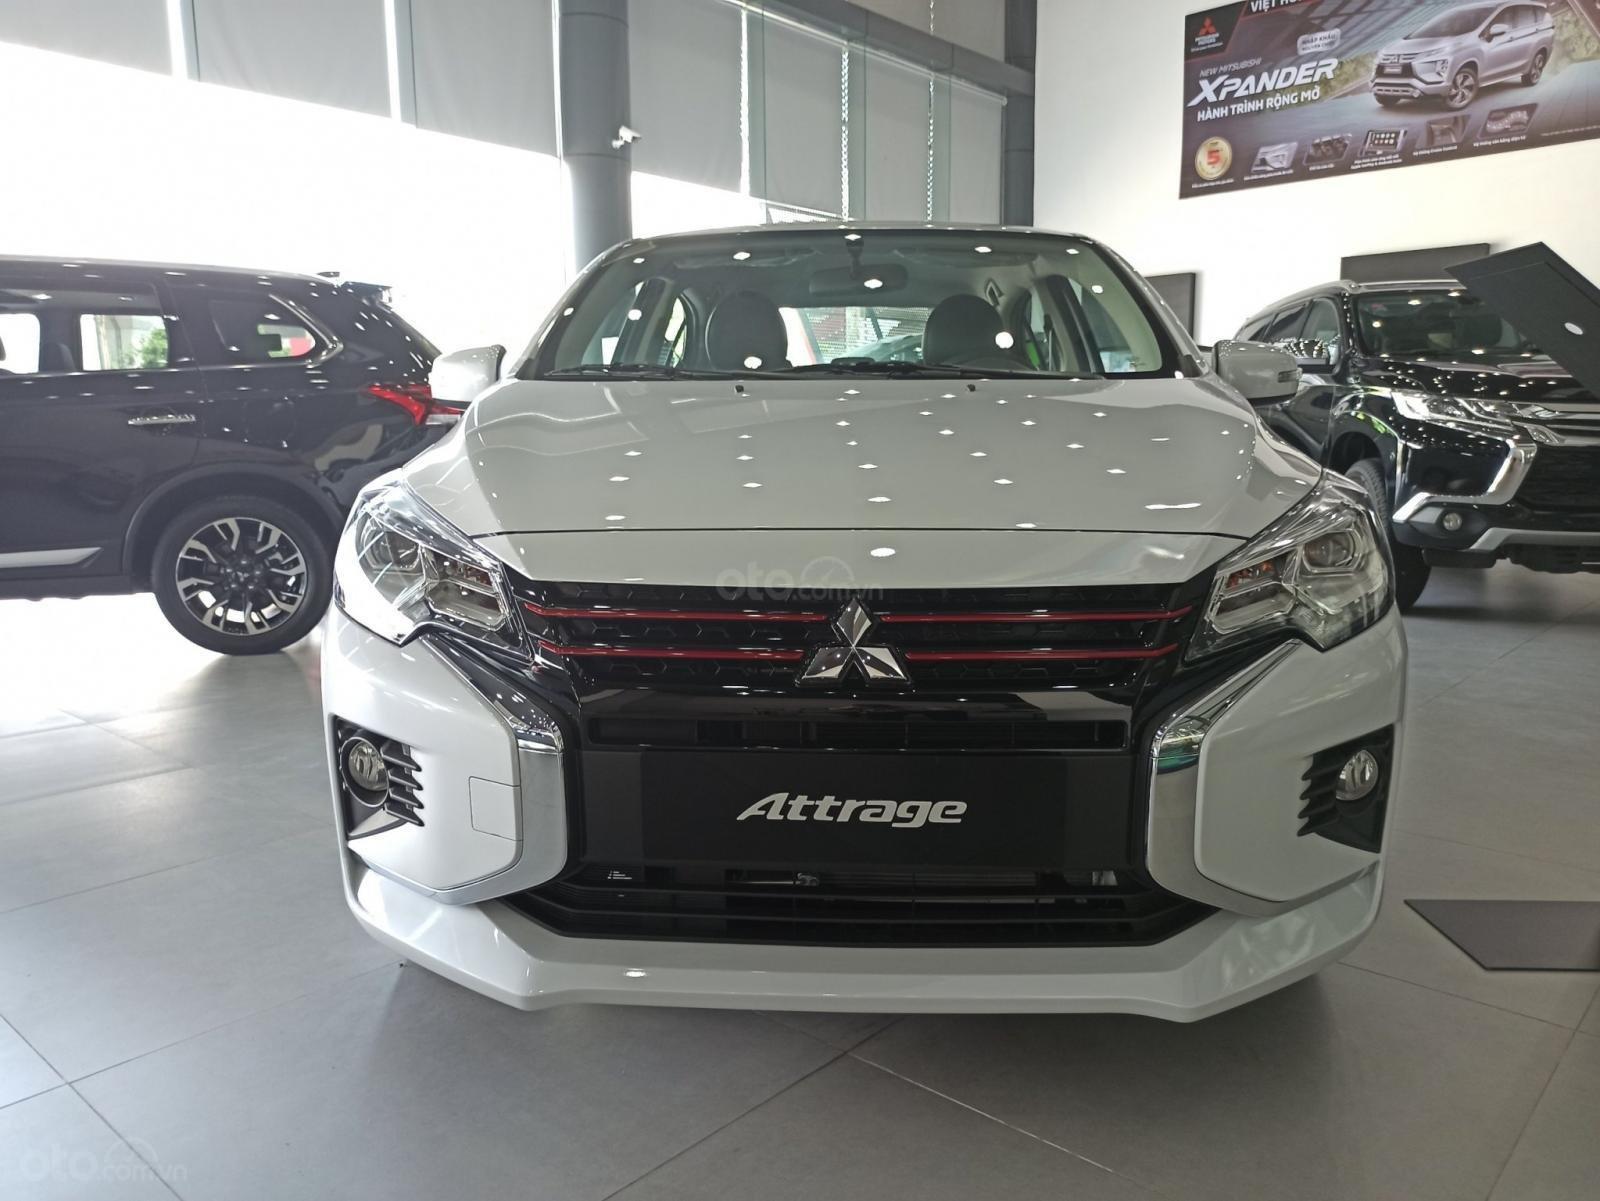 [Hot] Attrage được Mitsubishi tặng 50% thuế trước bạ, chỉ với 100 triệu có xe đi ngay (1)